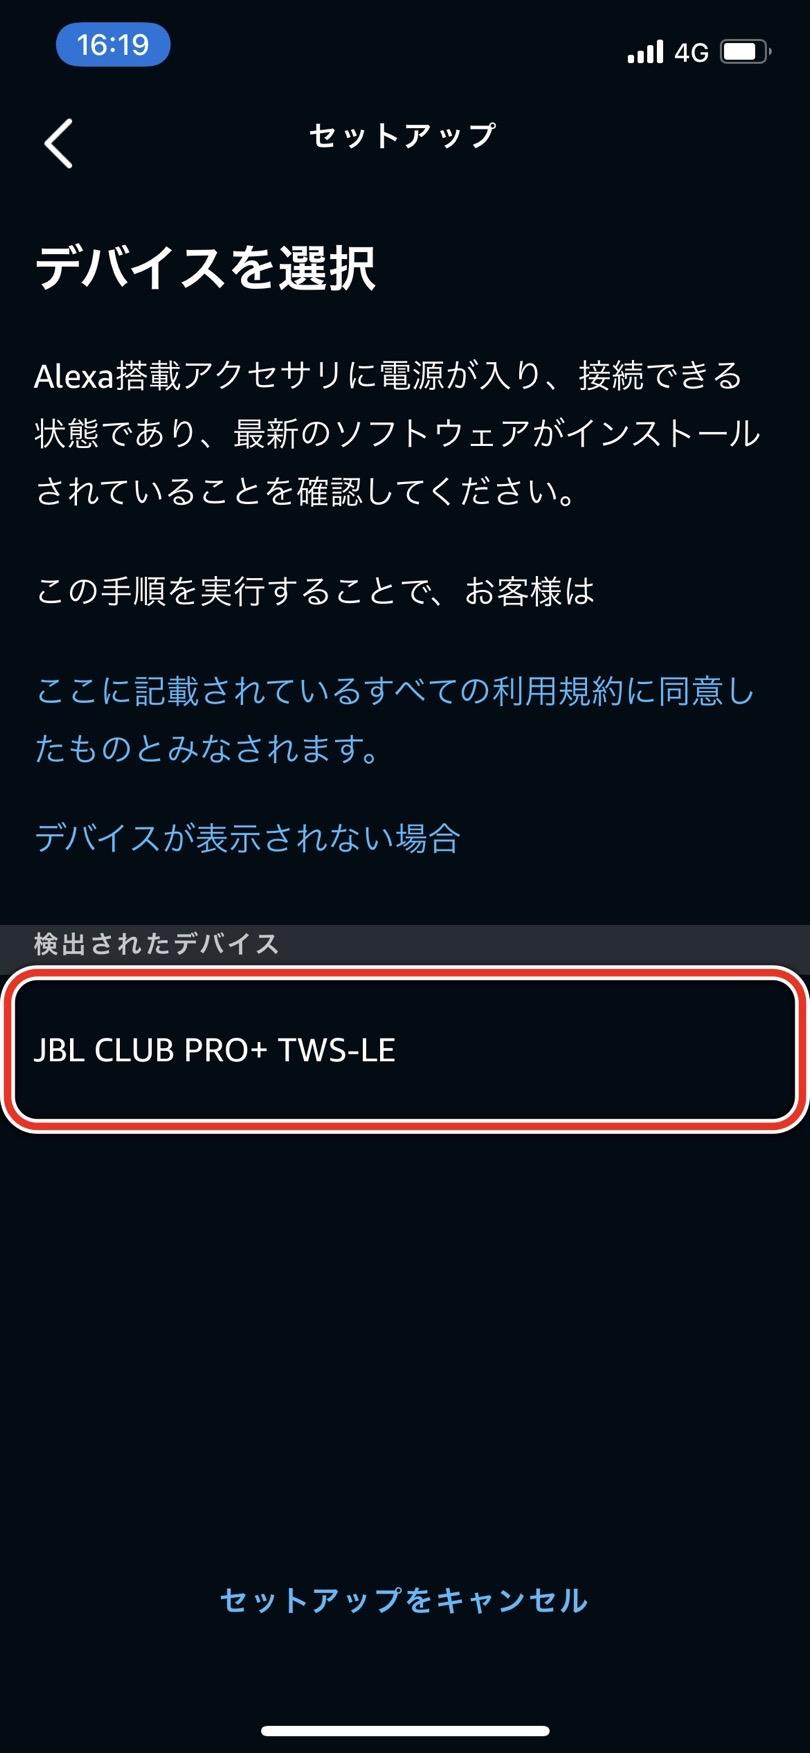 JBL CLUB PRO+が出てくる